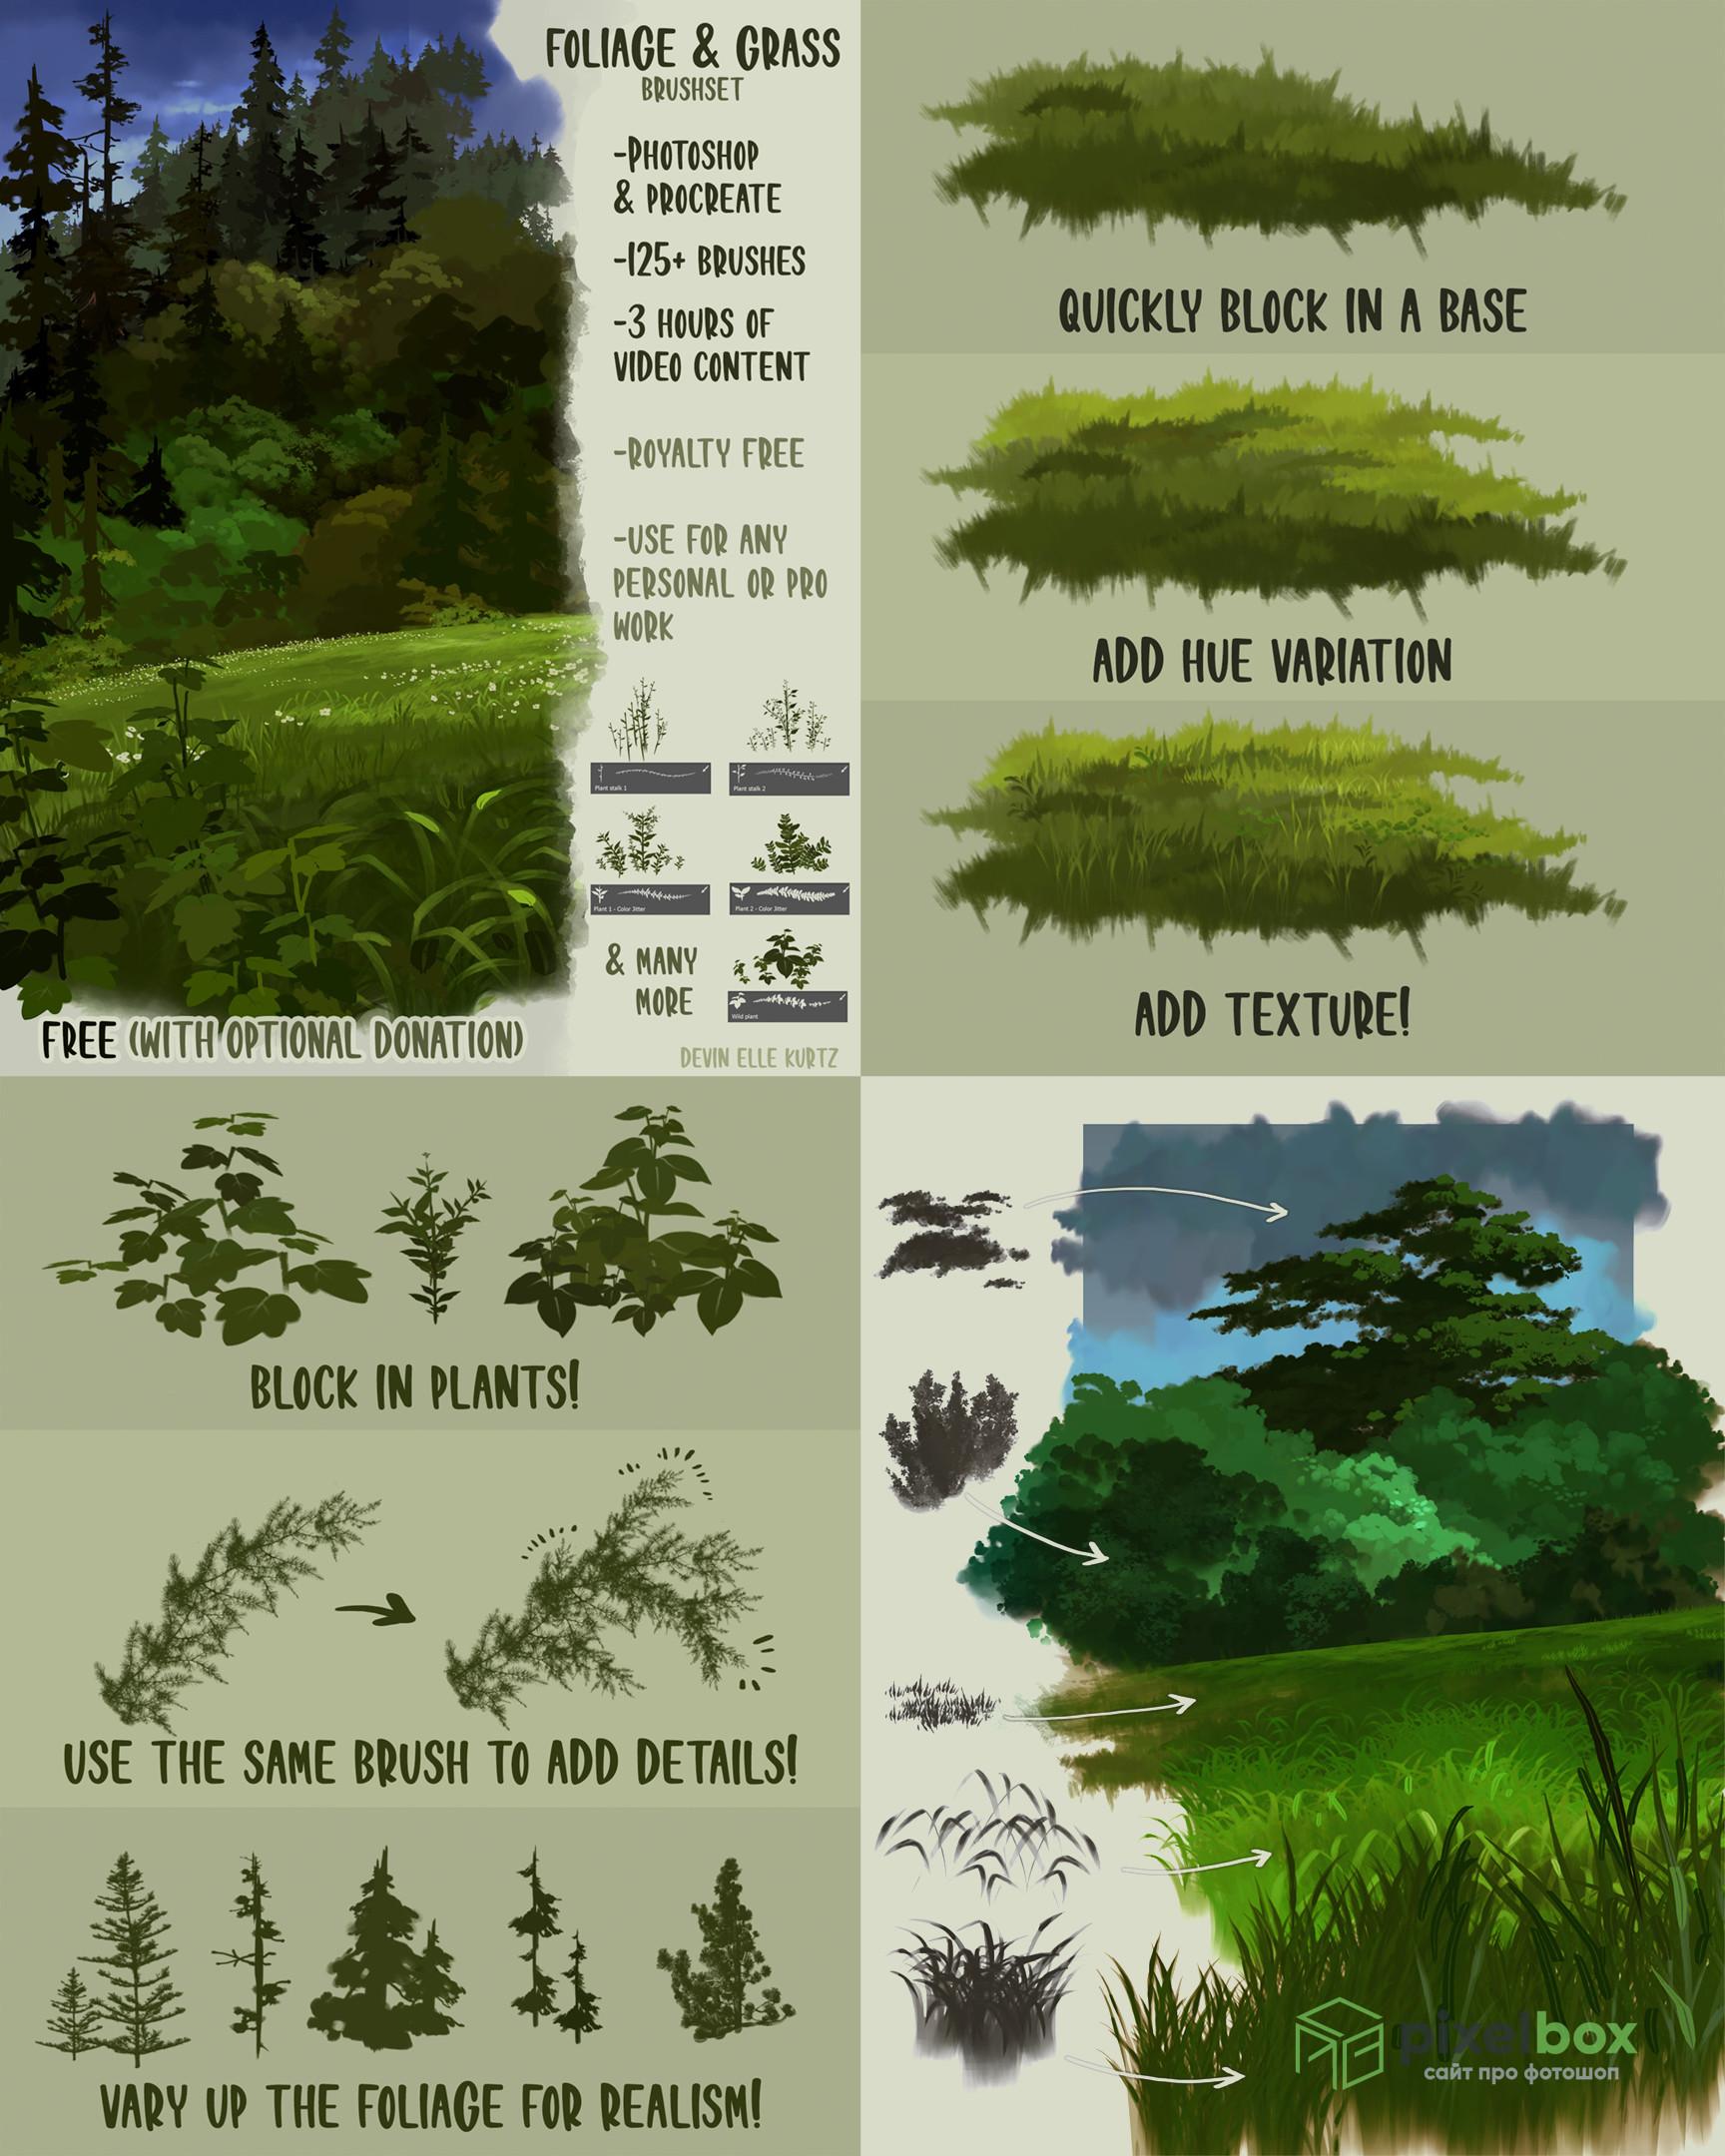 220+ кистей аниме для Photoshop и Procreate